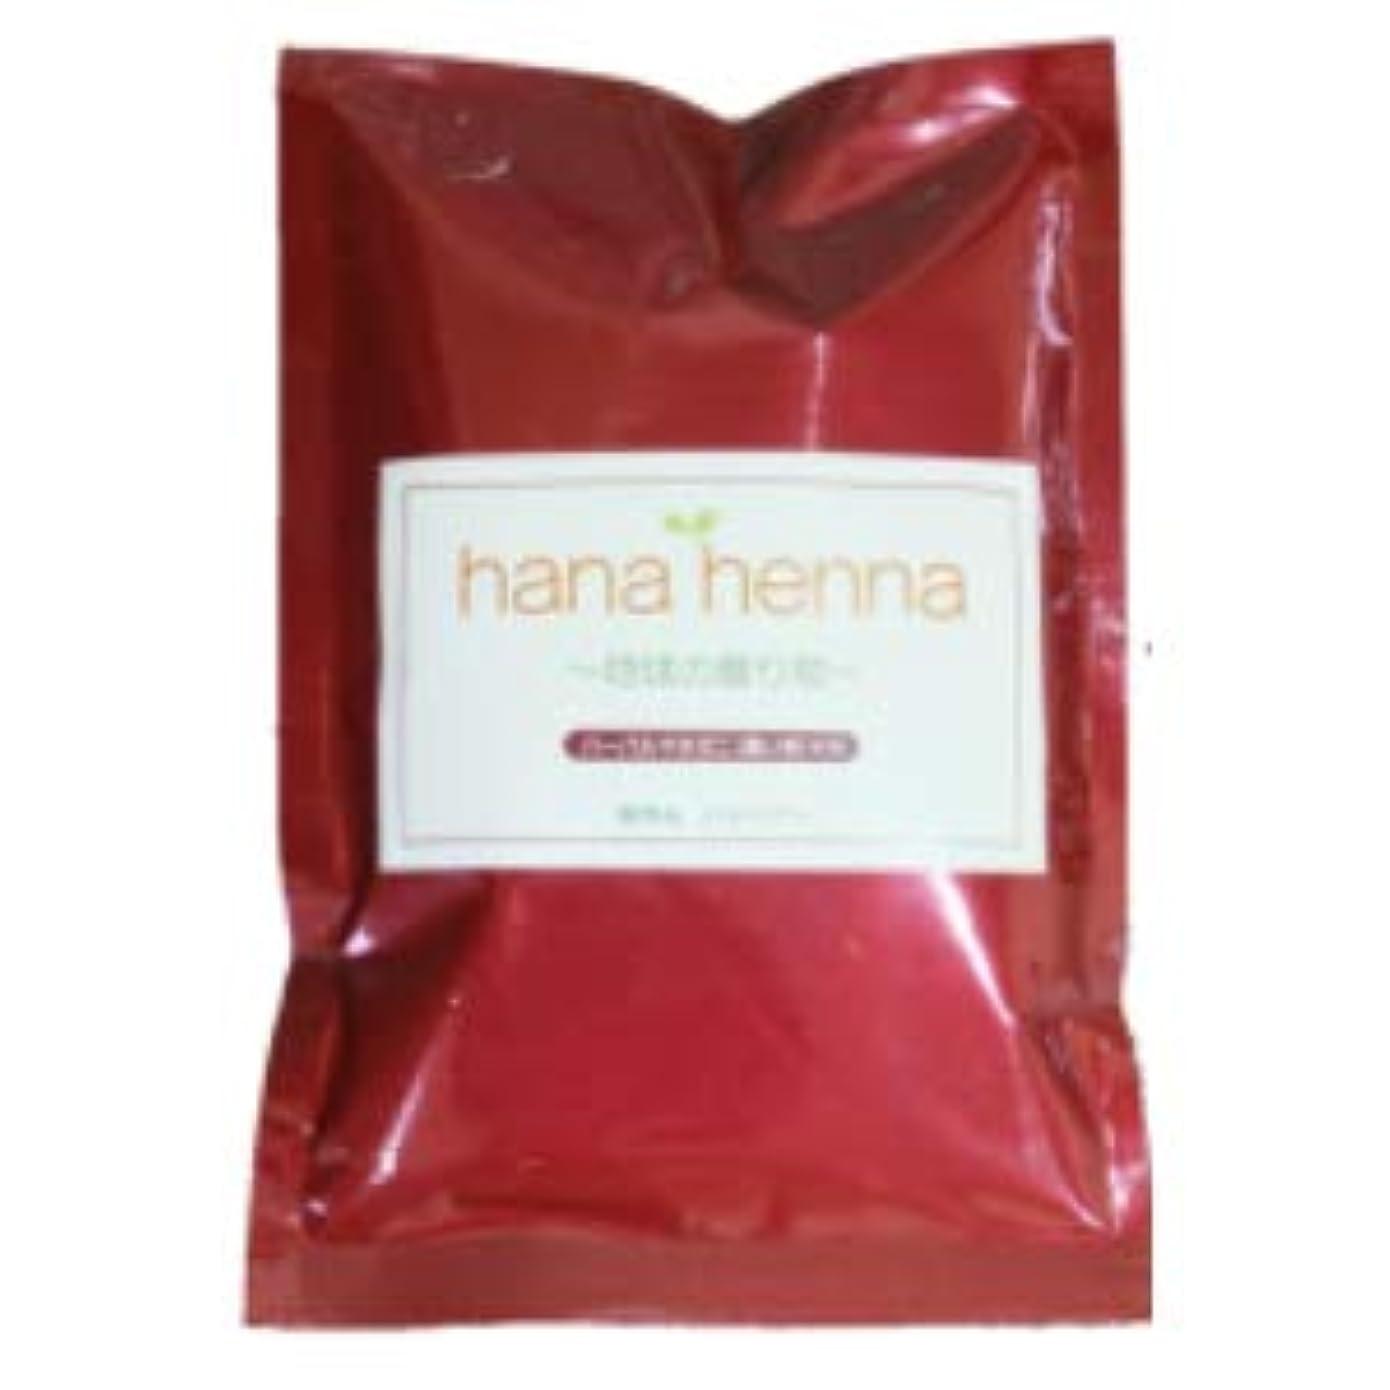 くぼみトロリーバスパンサー?hana henna?ハナヘナ ハーバルマホガニー(濃い茶) (100g)